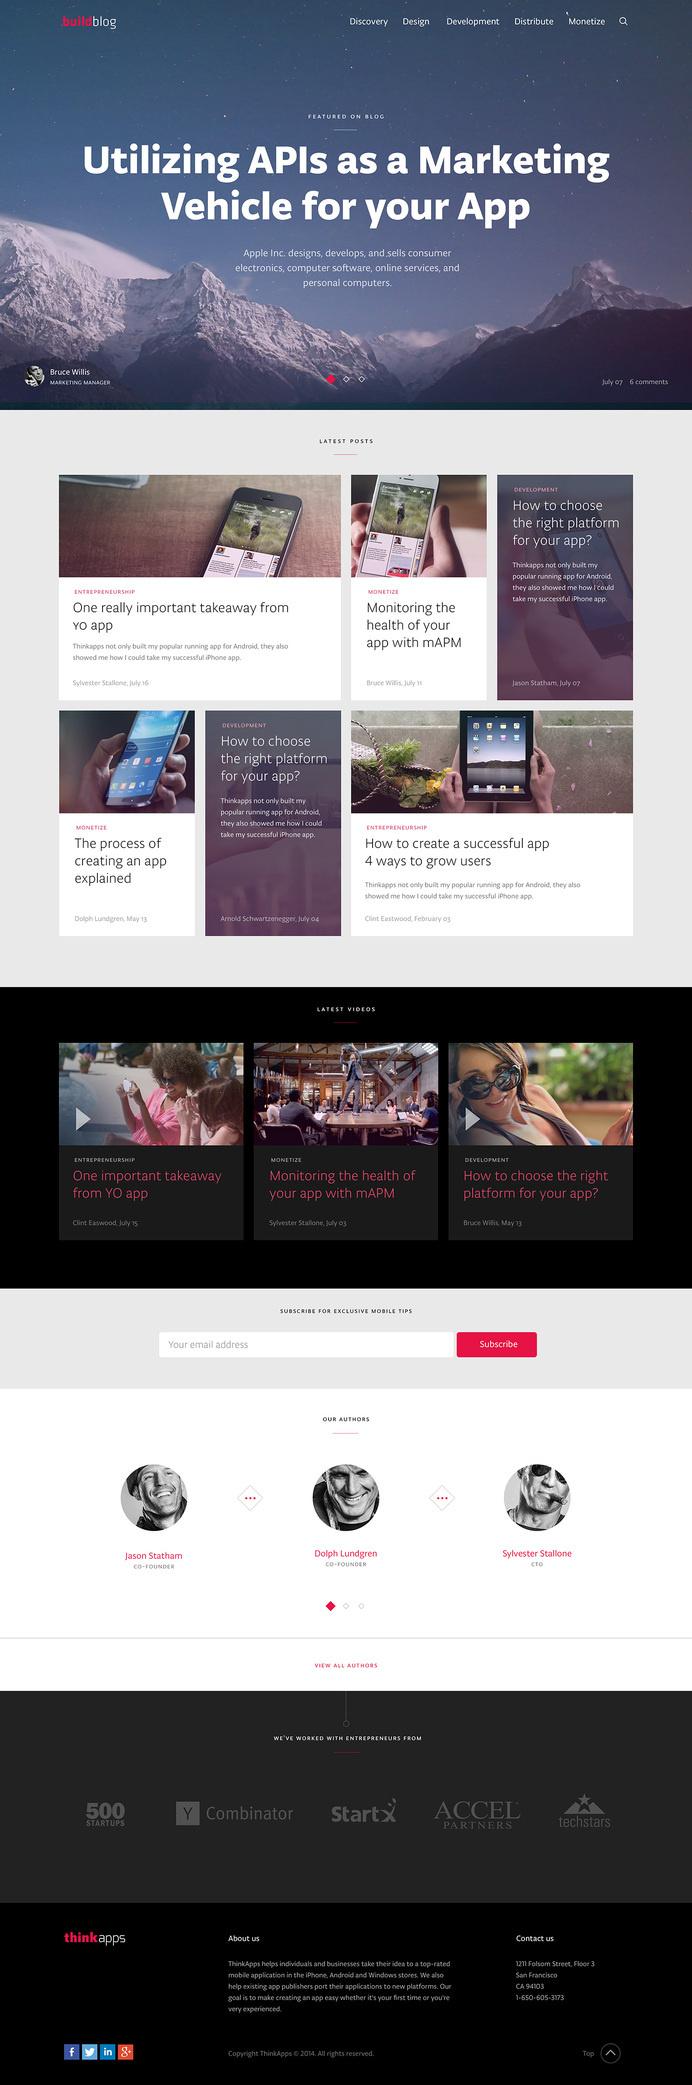 Blog_home #site #ui #website #digital #webdesign #layout #web